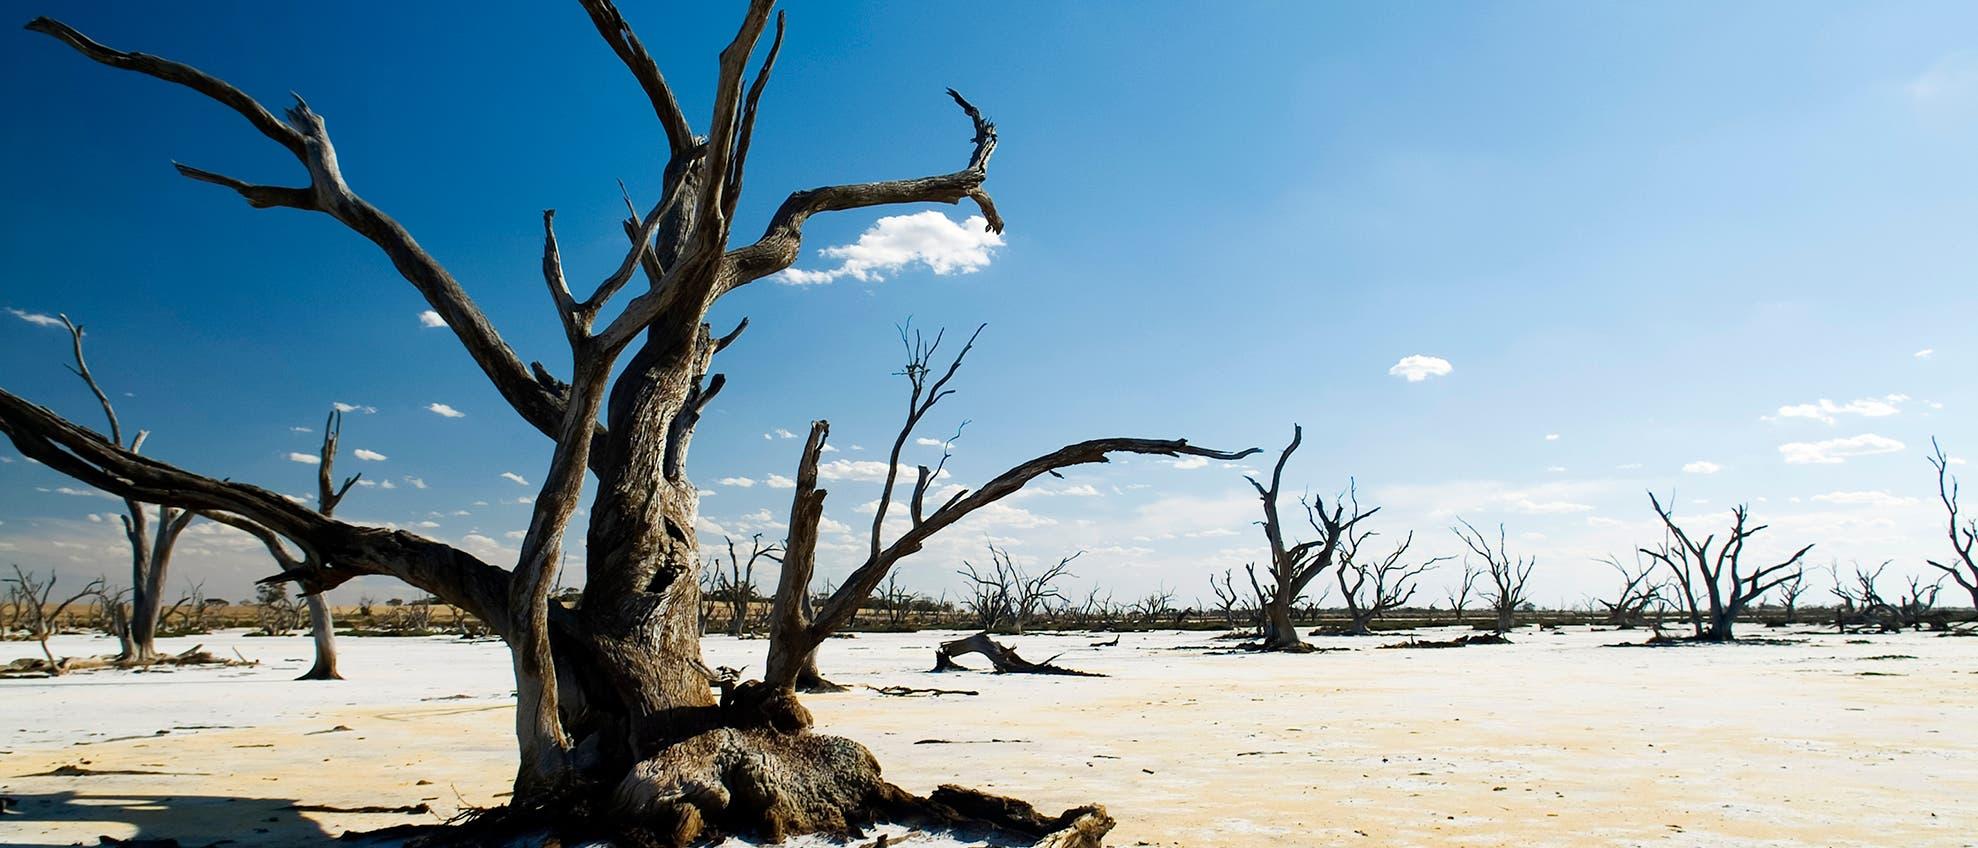 Abgestorbene Bäume in ausgetrockneter Landschaft